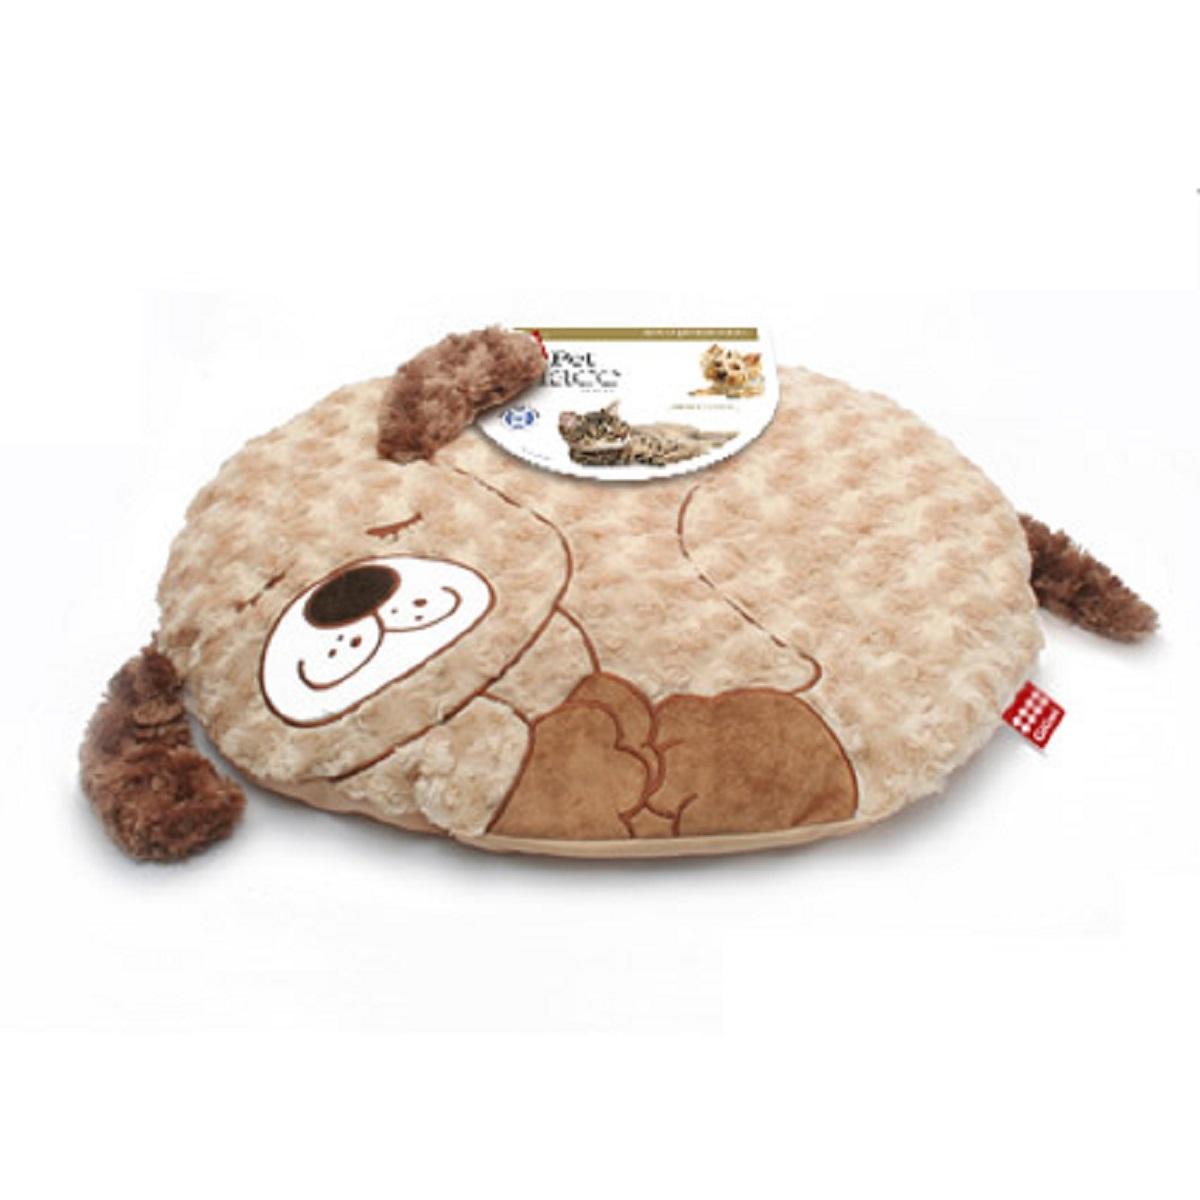 Лежанка для животных с дизайном GiGwi Собака 57 см0120710Удобная лежанка для животных с дизайном GiGwi Собака изготовлена из полиэстера. Лежанка имеет нескользящую поверхность. Идеальна для клеток, переносок, автомобилей, для полов с любым покрытием.